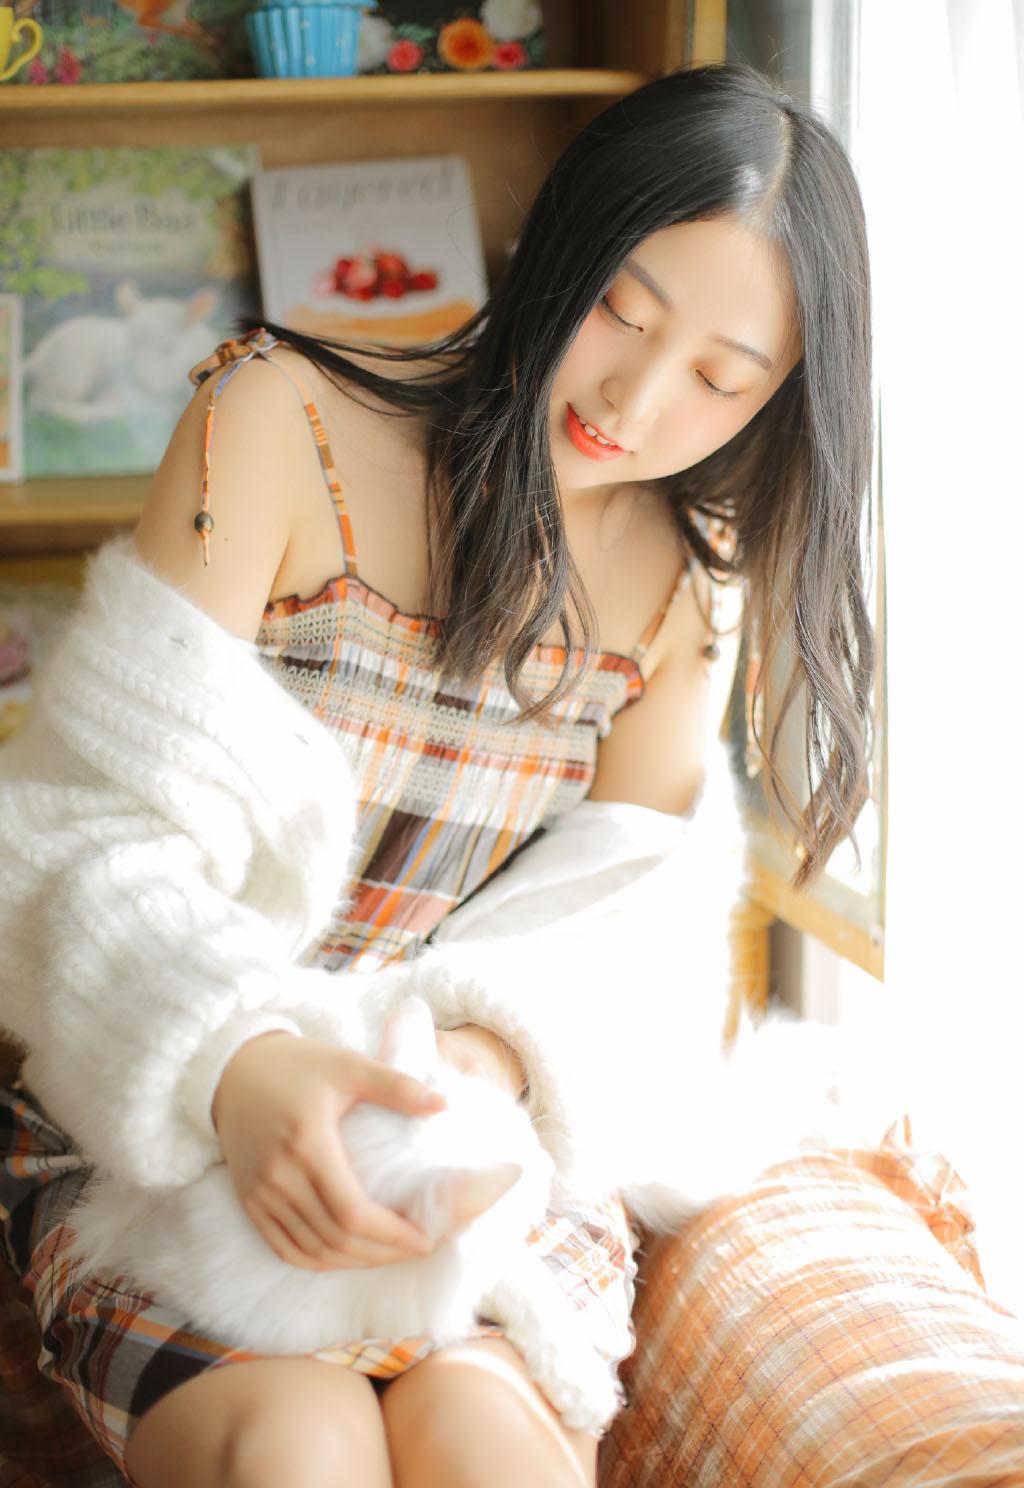 性感真空美女黑丝浴袍人体模特写真